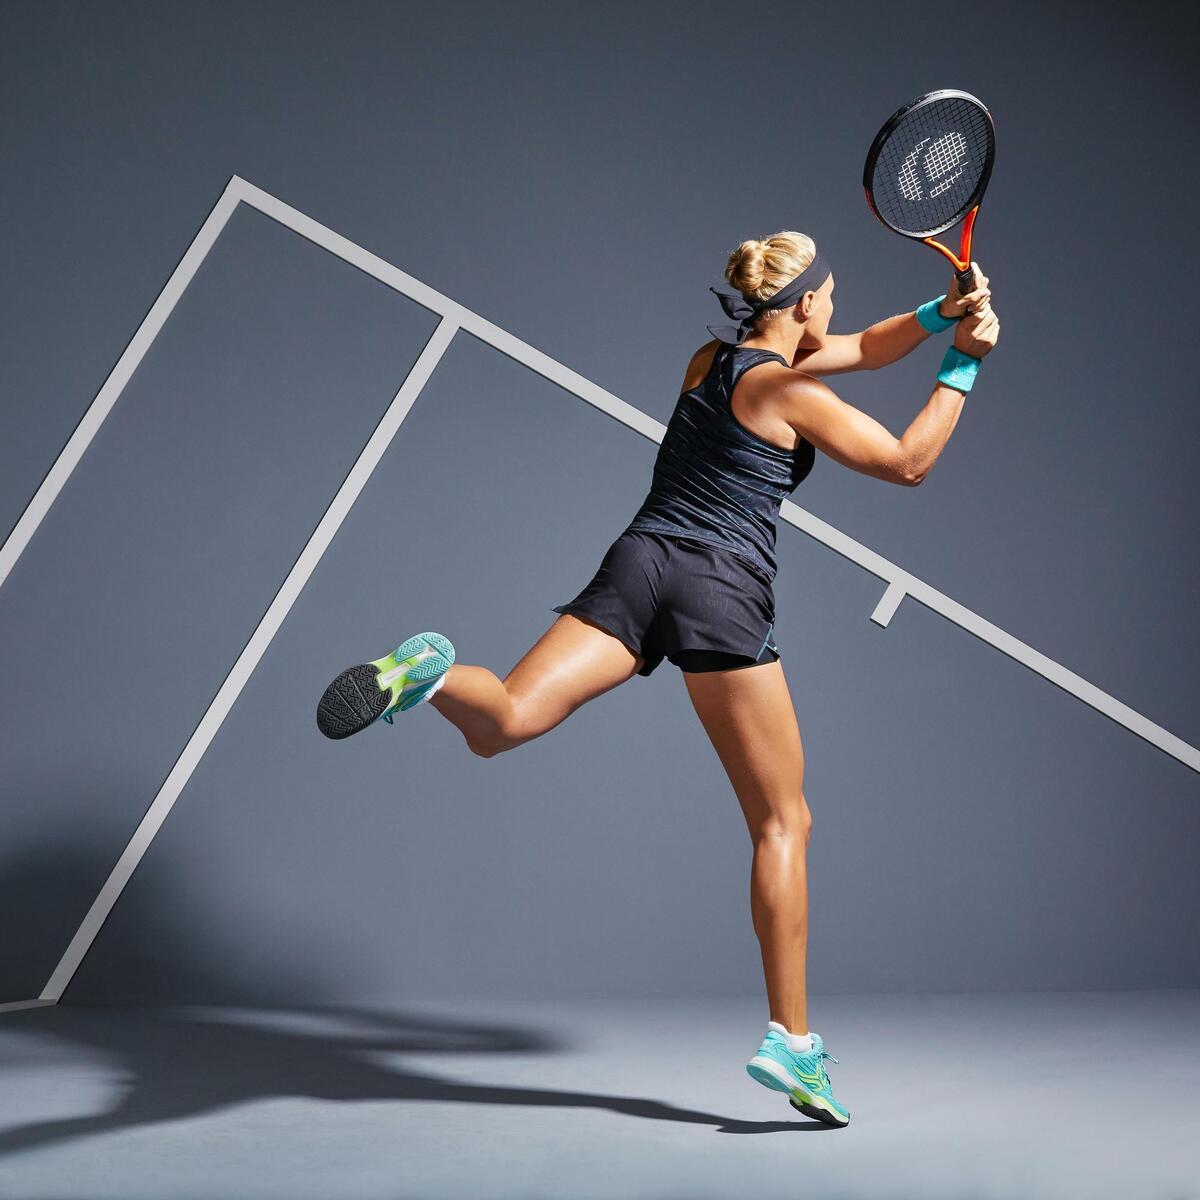 Bild 3 von Tennis-Shorts SH light 900 Tennis Damen grau/schwarz